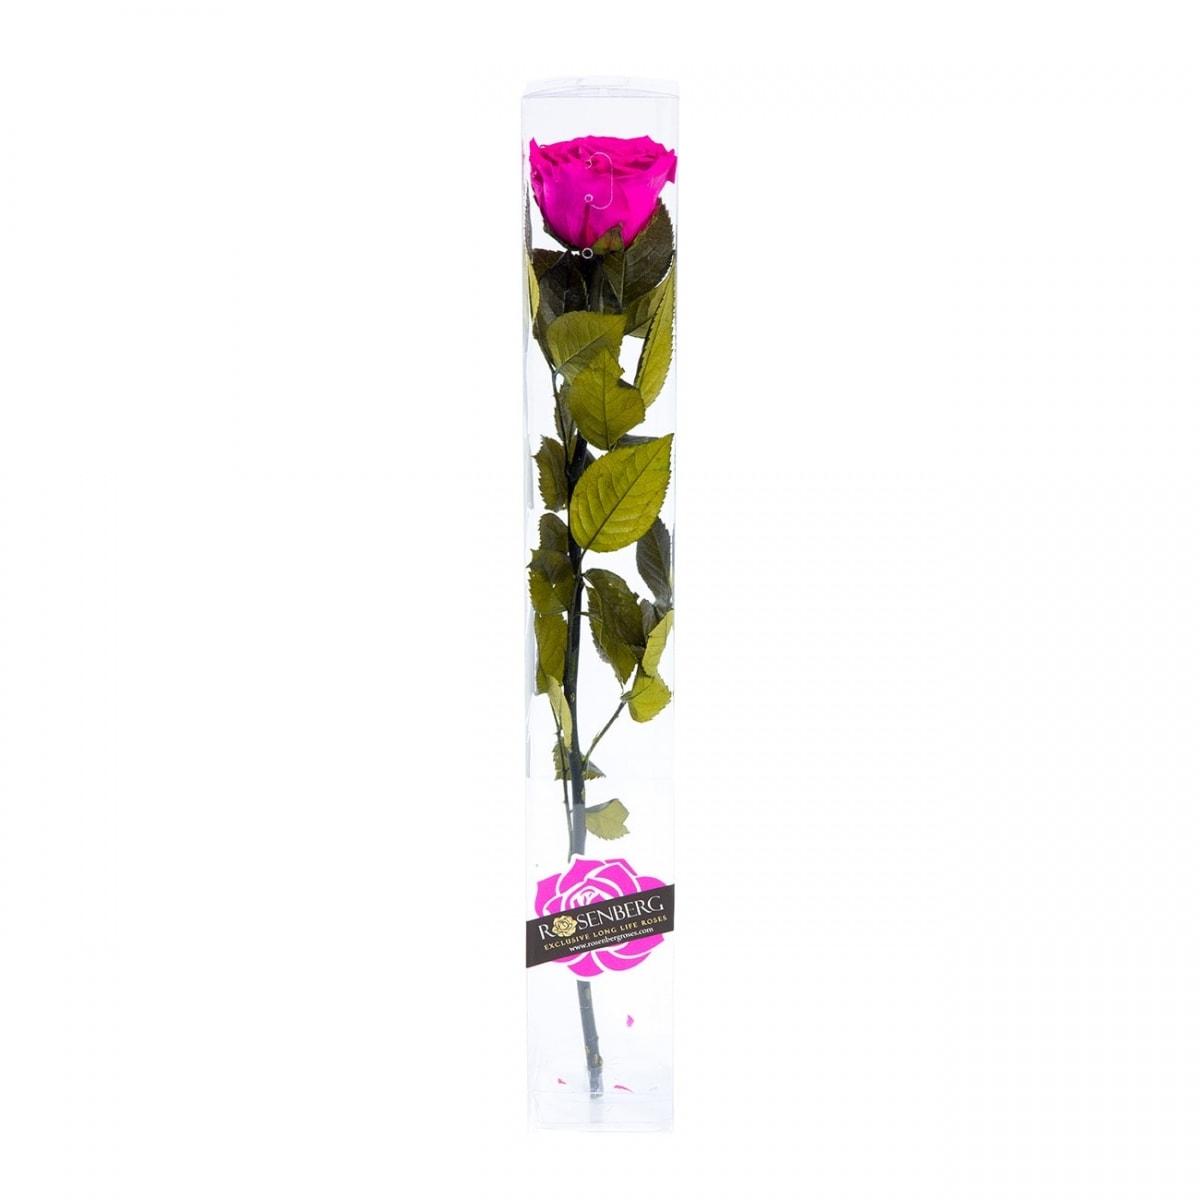 roos karbis